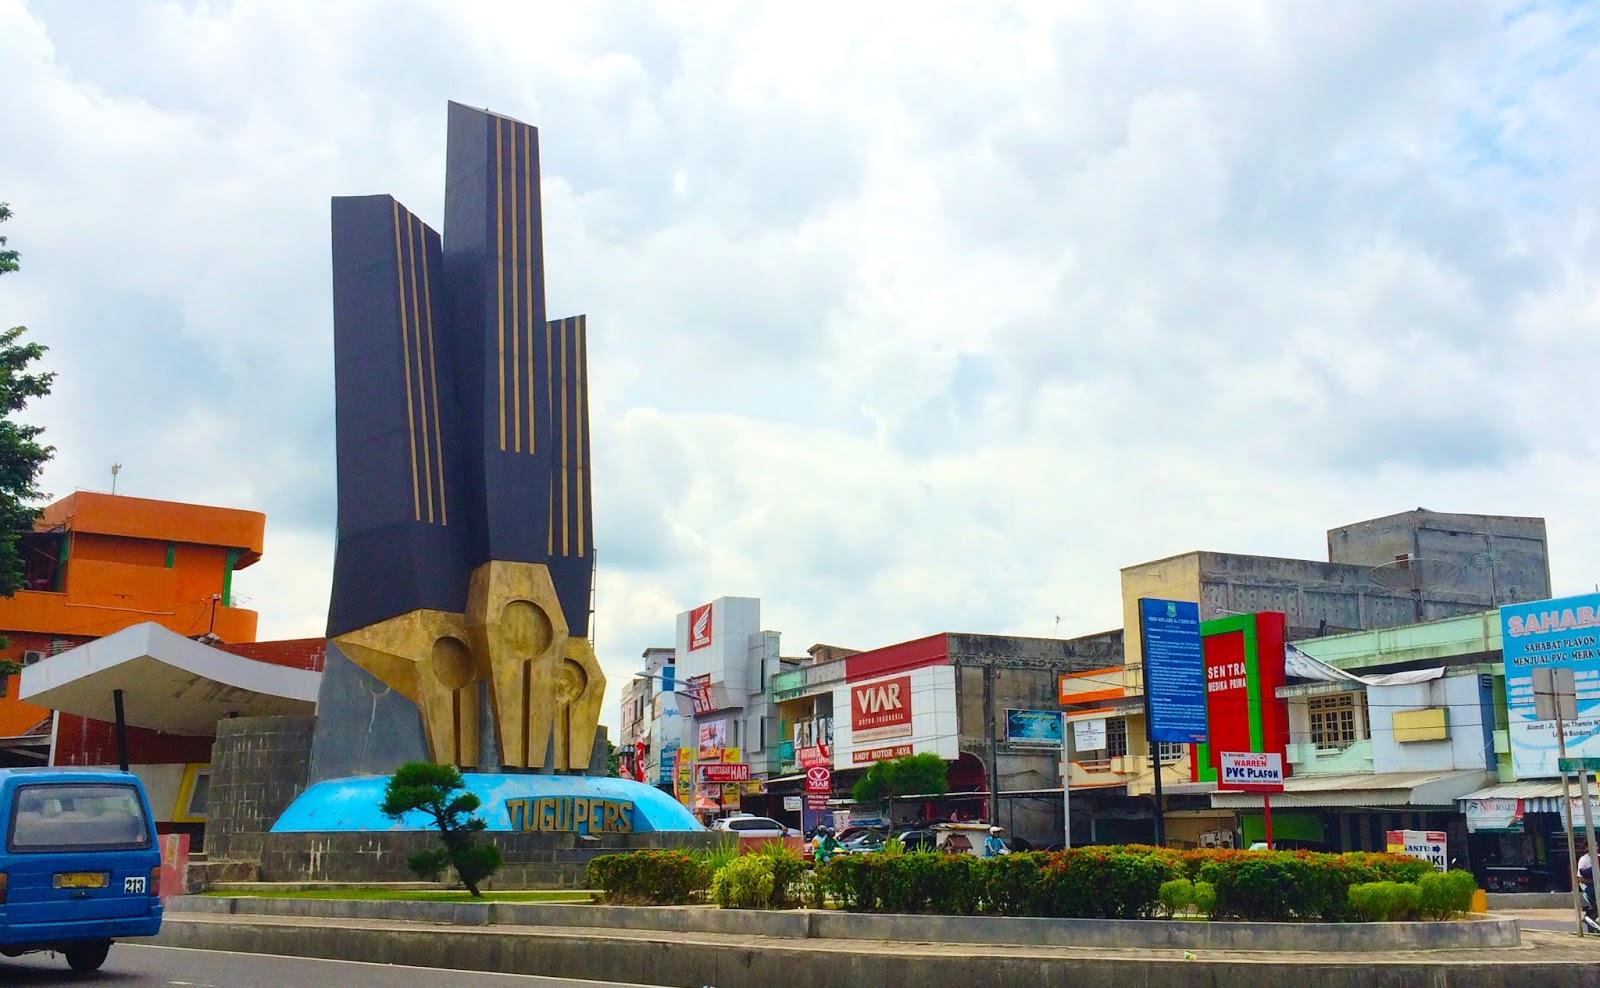 Jalan Kota Jambi Sehari Adambition Yup Tugu Pers Sepertinya Salah